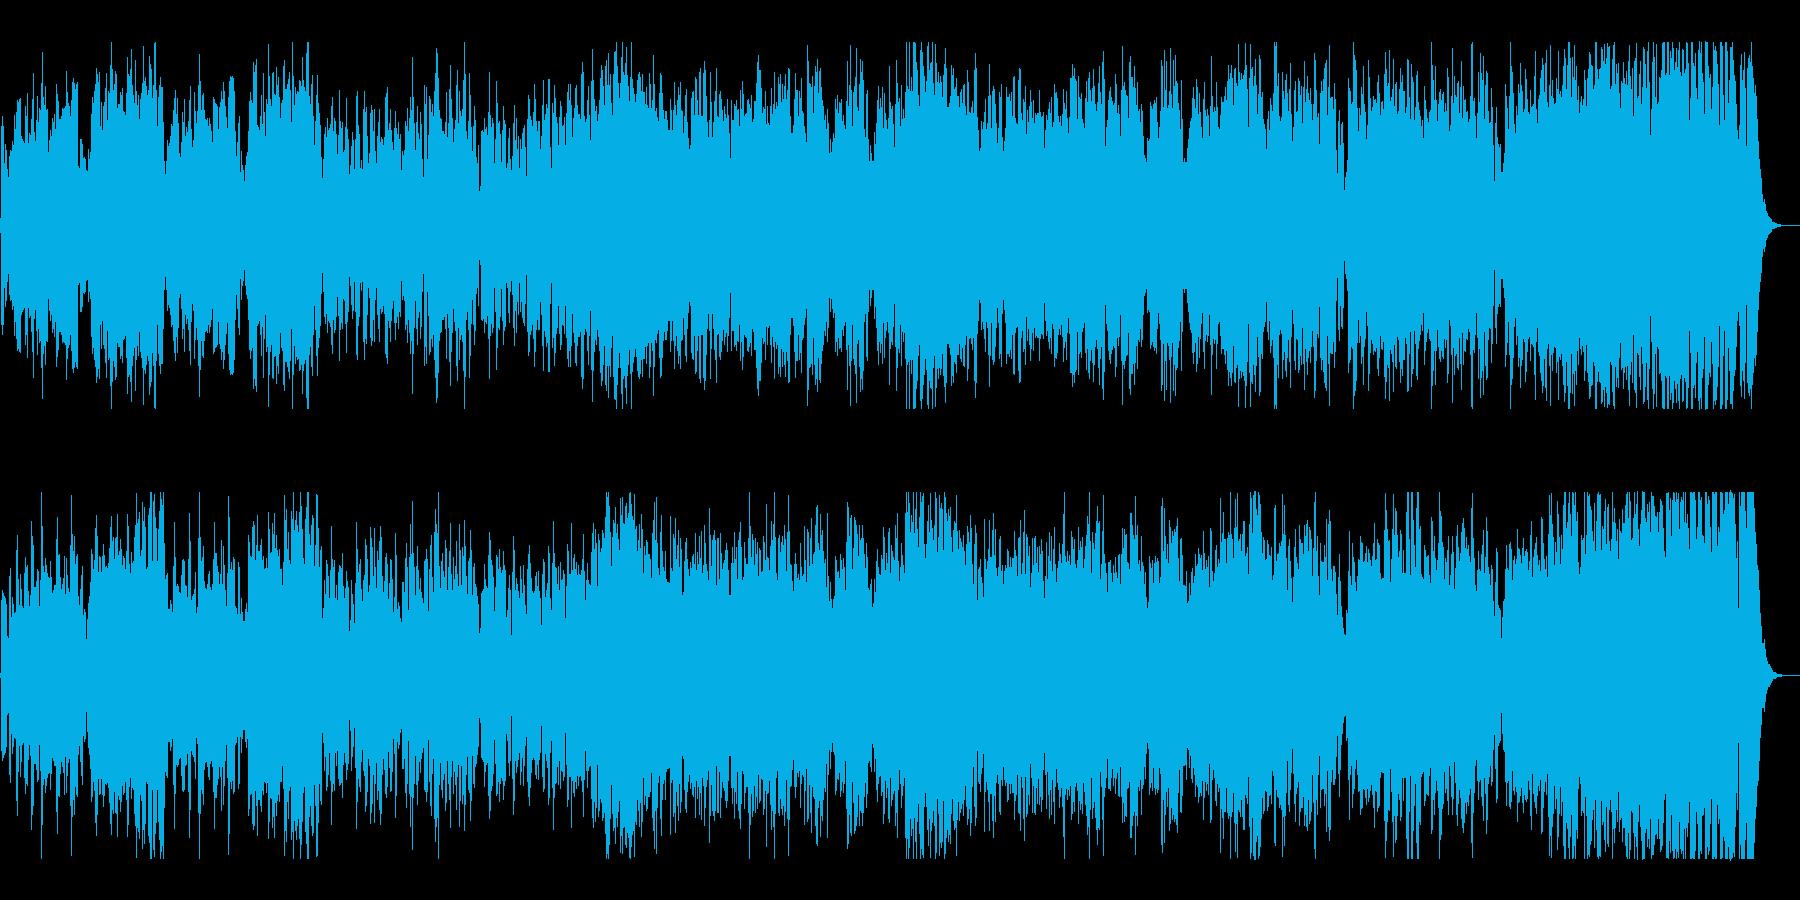 壮大なオーケストラポップの再生済みの波形